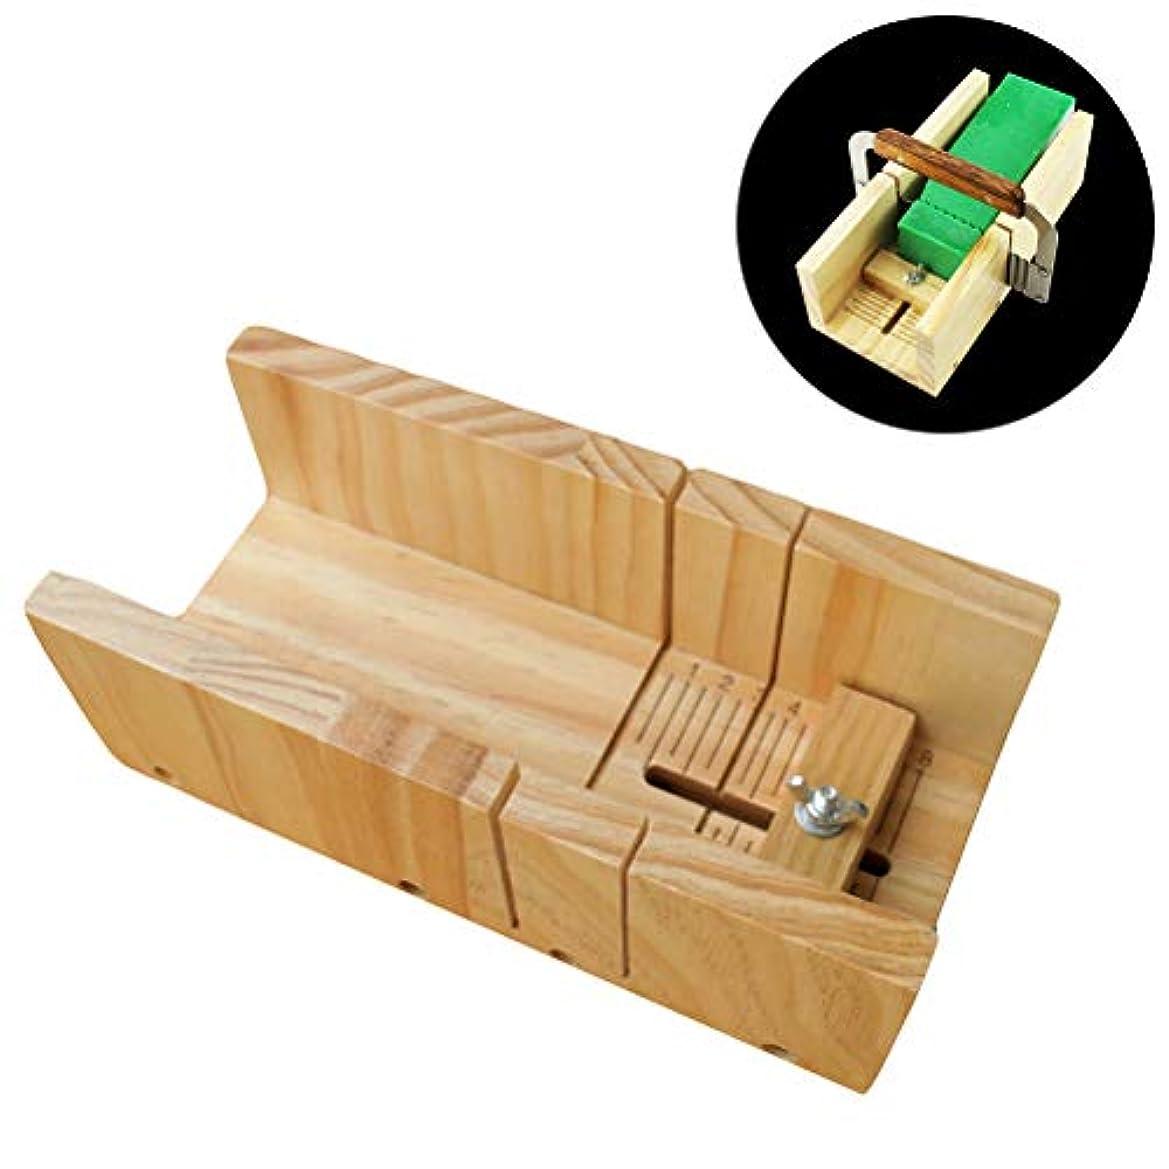 苦しめるステーキ禁止Healifty 木製石鹸カッターモールド石鹸ロープモールド調節可能なカッターモールドボックス石鹸ツールを作る